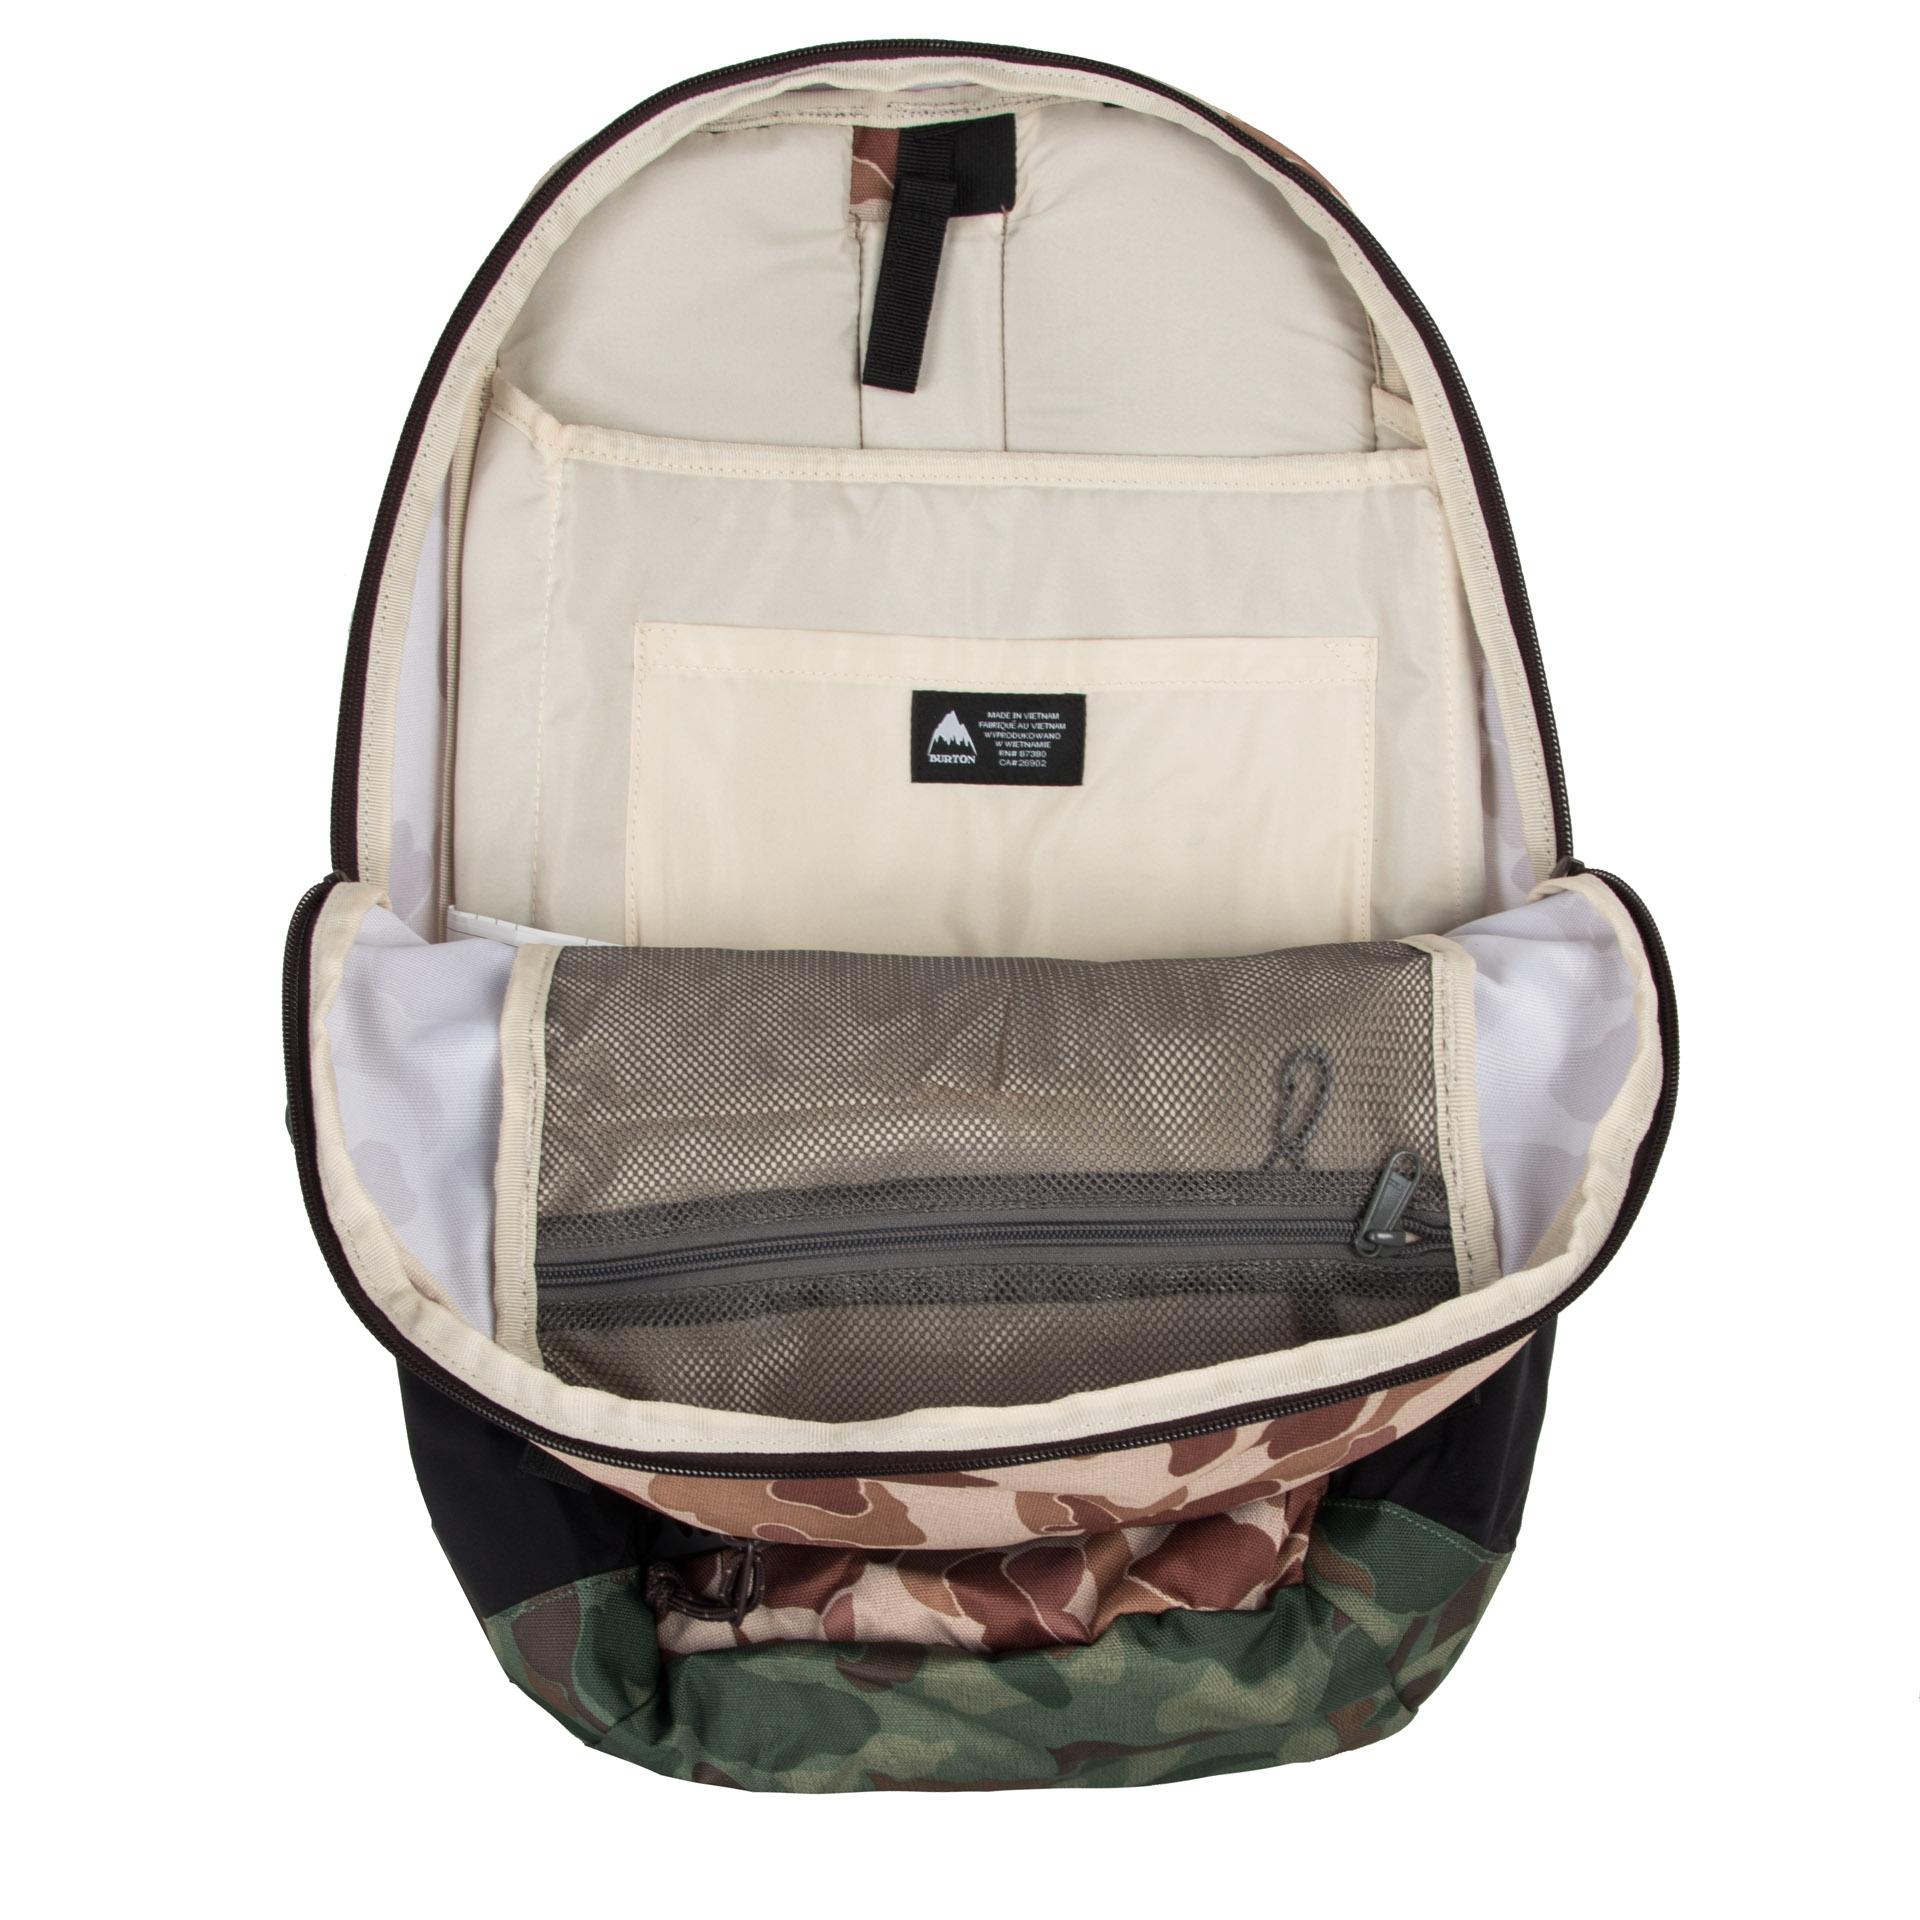 Burton Day Hiker 25 l Desert Duck Print Multifunkčný a vysoko odolný batoh s čalúneným vreckom na notebook je perfektným priateľom ako na výlet do prírody, tak do školy.  - bohato čalúnený zadný panel s výstuhou a odvetrávacím kanálikom - ergonomicky tvarované a dĺžkovo nastaviteľné ramenné popruhy - krížový popruh pre lepšie rozloženie váhy neseného nákladu - hrudný popruh so zapínaním na pracku - čalúnené vrecko na notebook je zároveň priehradkou na hydrovak - priehradka na tablet o rozmeroch 26,5 x 20 cm - kvalitné zipsy pre jednoduchý prístup - vrecko na okuliare s fleecovou výstelkou na prednom paneli - integrovaný organizér s vreckom na zips a karabínou na kľúče - postranné vrecká na fľašu - textilné pútko pre pohodlné prenesenie v ruke - predné vrecko na zips - možnosť vertikálneho pripnutia skateboardu vďaka dvom popruhom